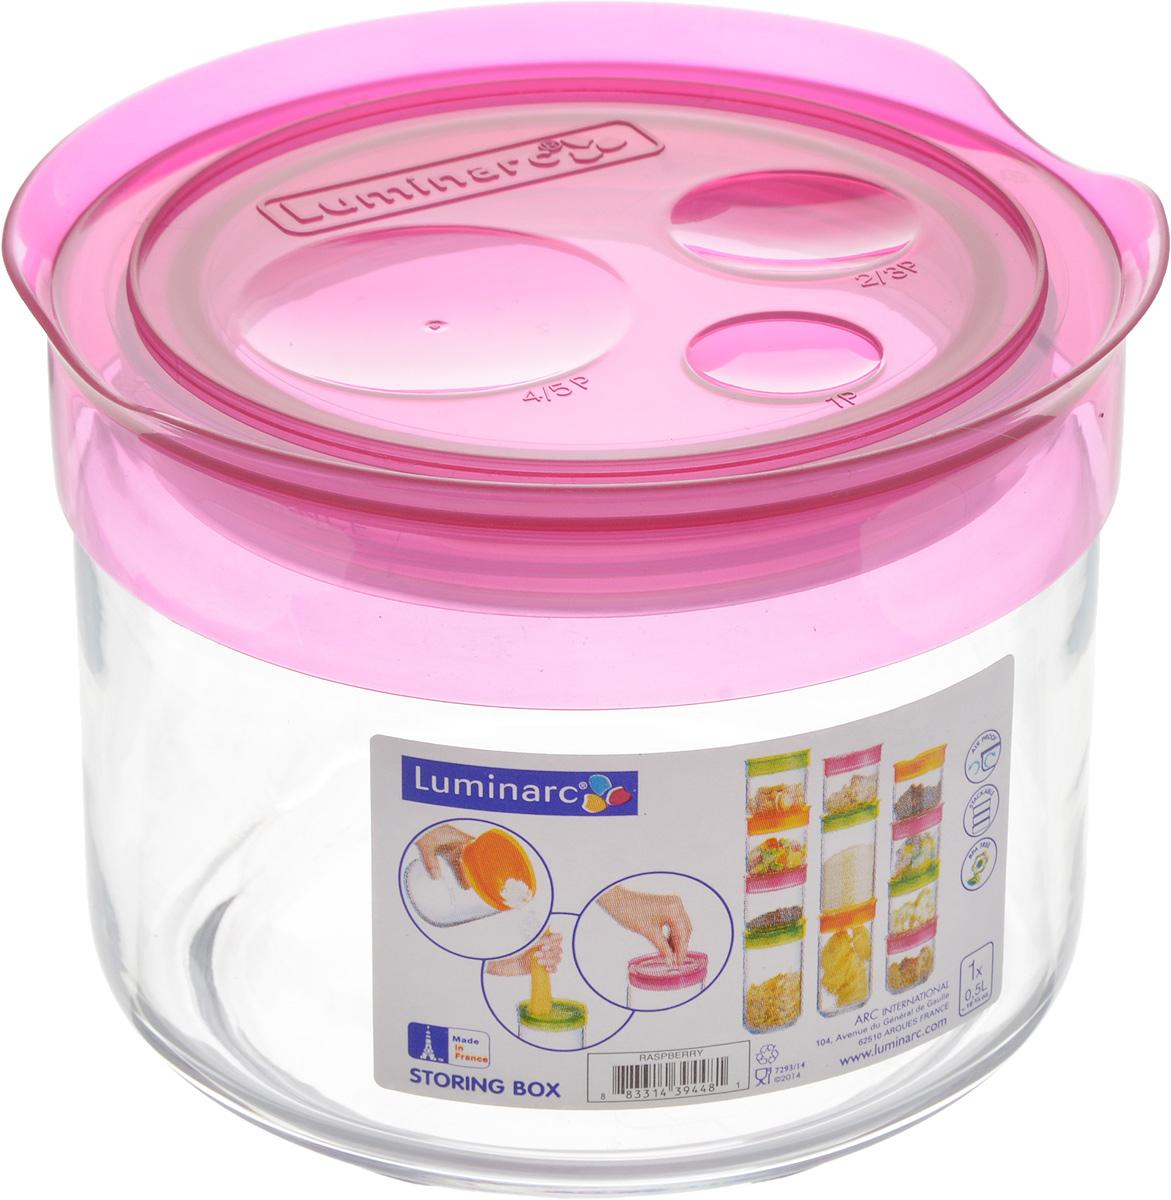 Банка для сыпучих продуктов Luminarc Storing Box, с крышкой, цвет: малиновый, 500 мл4630003364517Банка Luminarc Storing Box, выполненная из упрочненного стекла, станет незаменимым помощником на кухне. В ней будет удобно хранить разнообразные сыпучие продукты, такие как кофе, сахар, соль или специи. Прозрачная банка позволит следить, что и в каком количестве находится внутри. Банка надежно закрывается пластиковой крышкой, которая снабжена резиновым уплотнителем для лучшей фиксации. Такая банка не только сэкономит место на вашей кухне, но и украсит интерьер.Объем: 500 мл.Диаметр банки (по верхнему краю): 9 см.Высота банки (без учета крышки): 8 см.